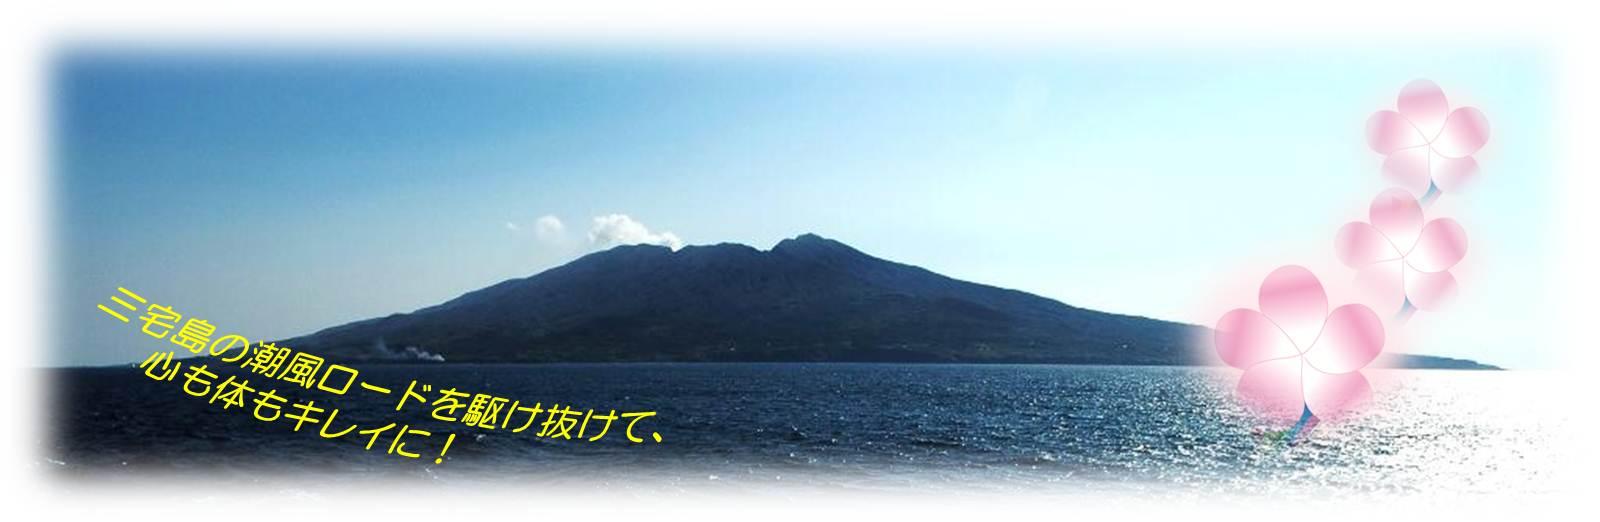 20121101085619d70.jpg